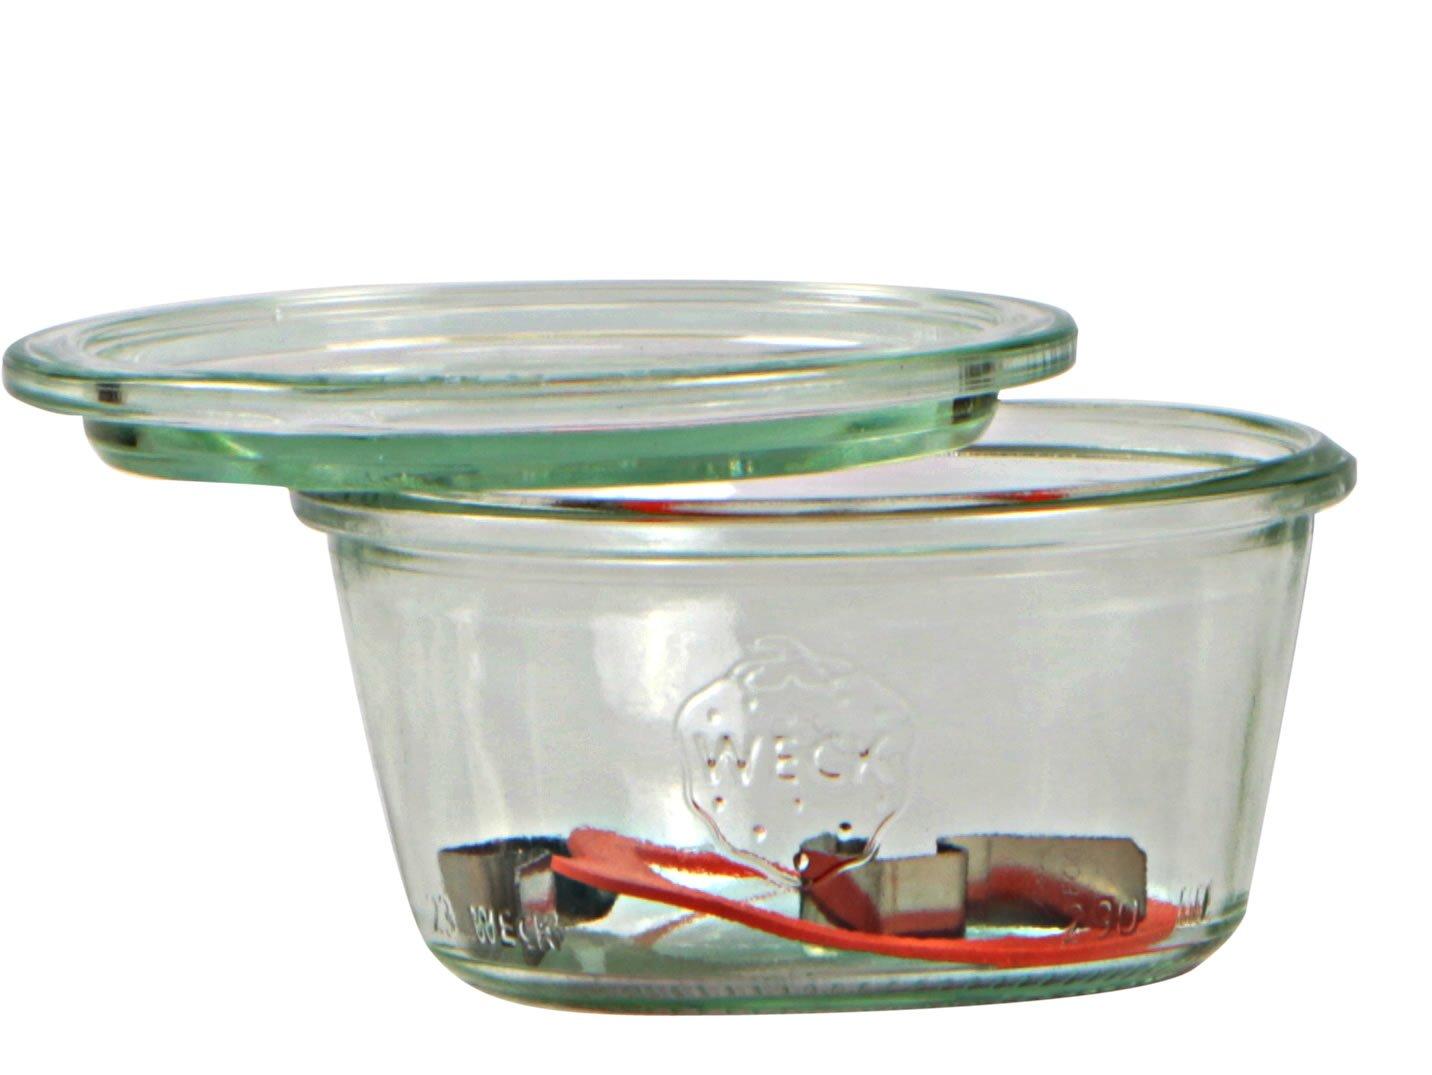 Weck Vasetto 370 ml con Coperchio da 100 mm, Completi di Guarnizione e Clips, Scatola da 6 Pezzi, Vetro, Trasparente 3286300 barattoli; coperchi